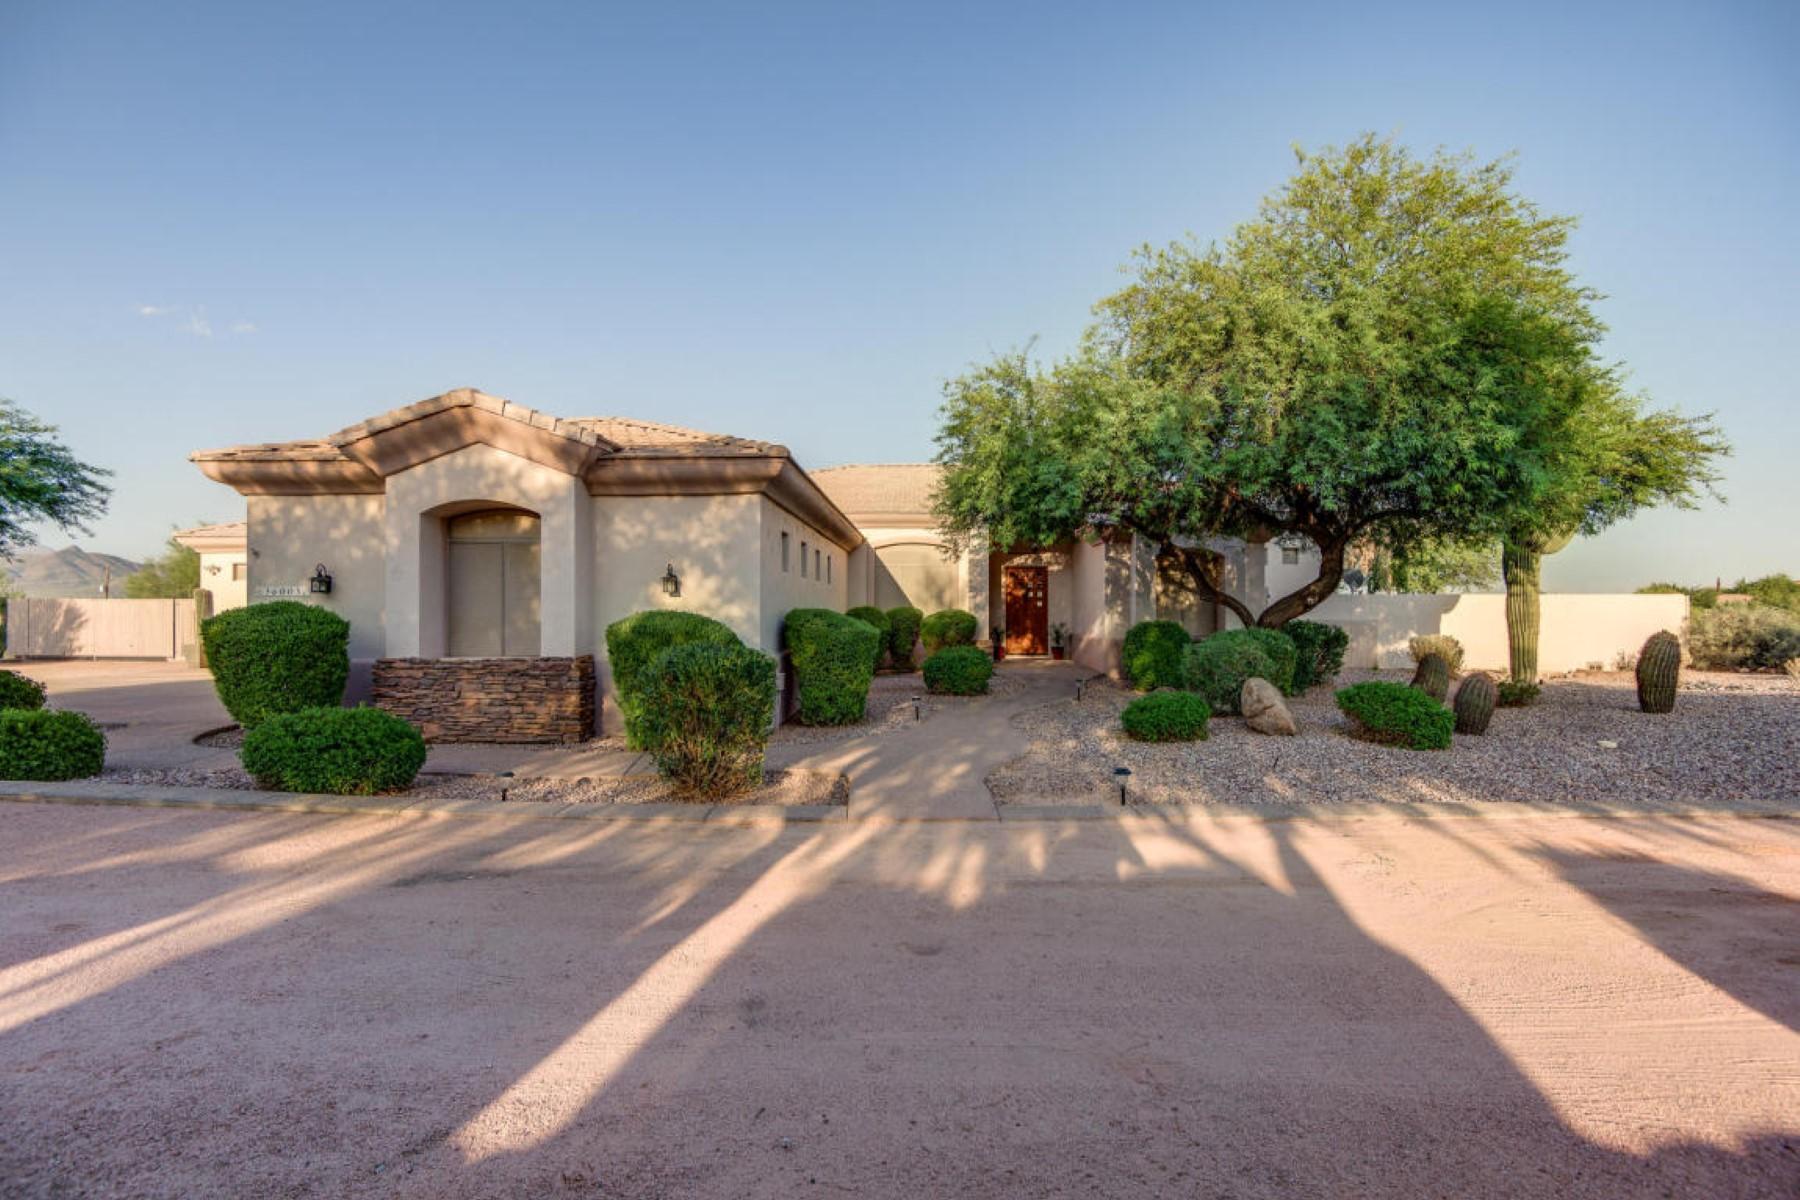 一戸建て のために 売買 アット Single level custom home with amazing mountain views 36005 N 15Tth Ave Phoenix, アリゾナ, 85086 アメリカ合衆国